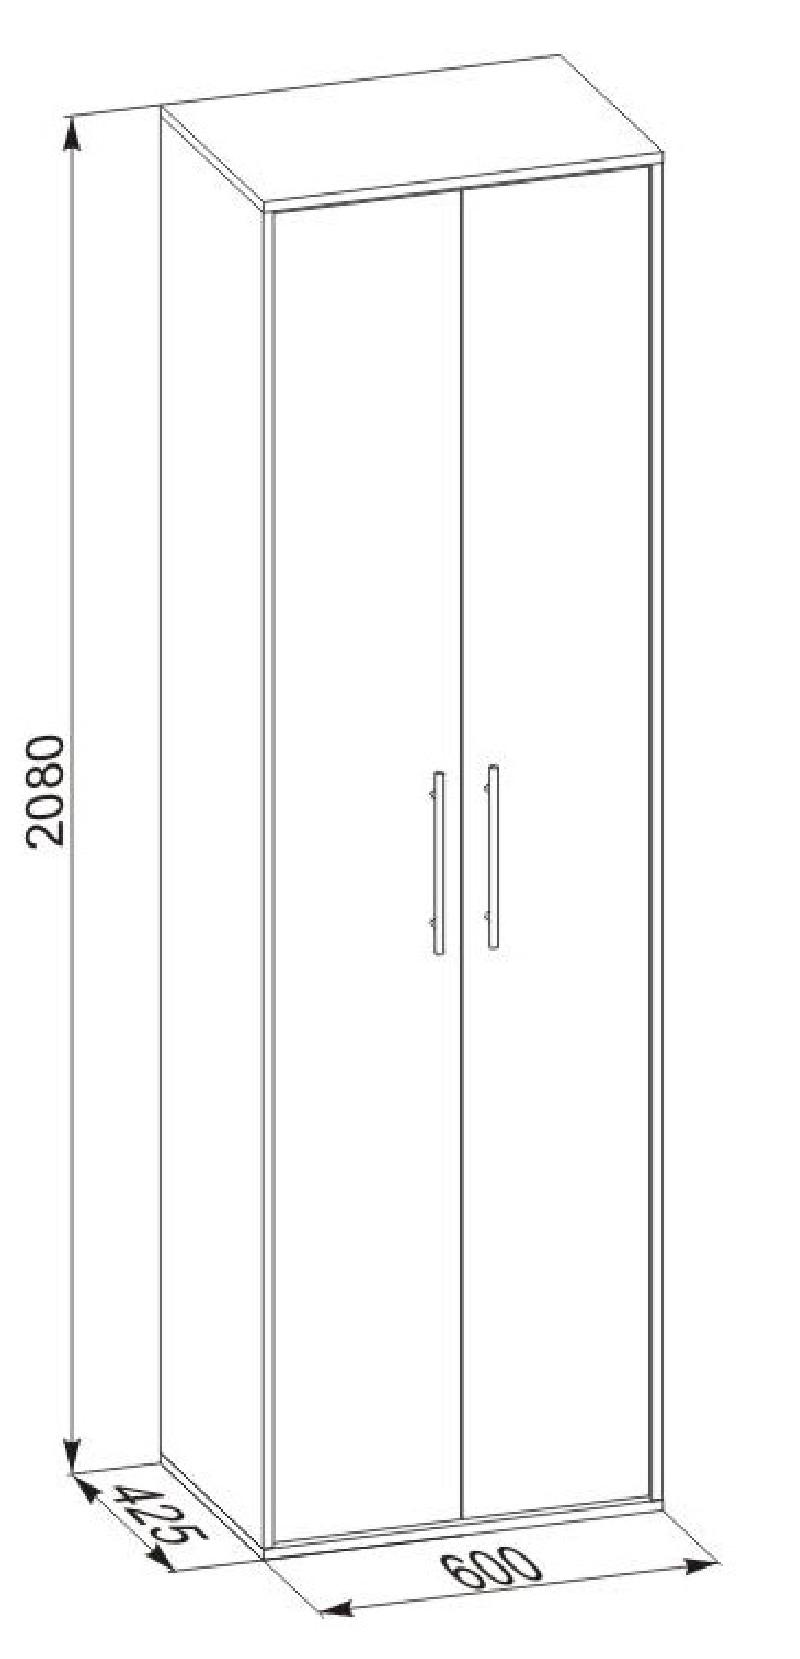 Размеры шкафа пенала